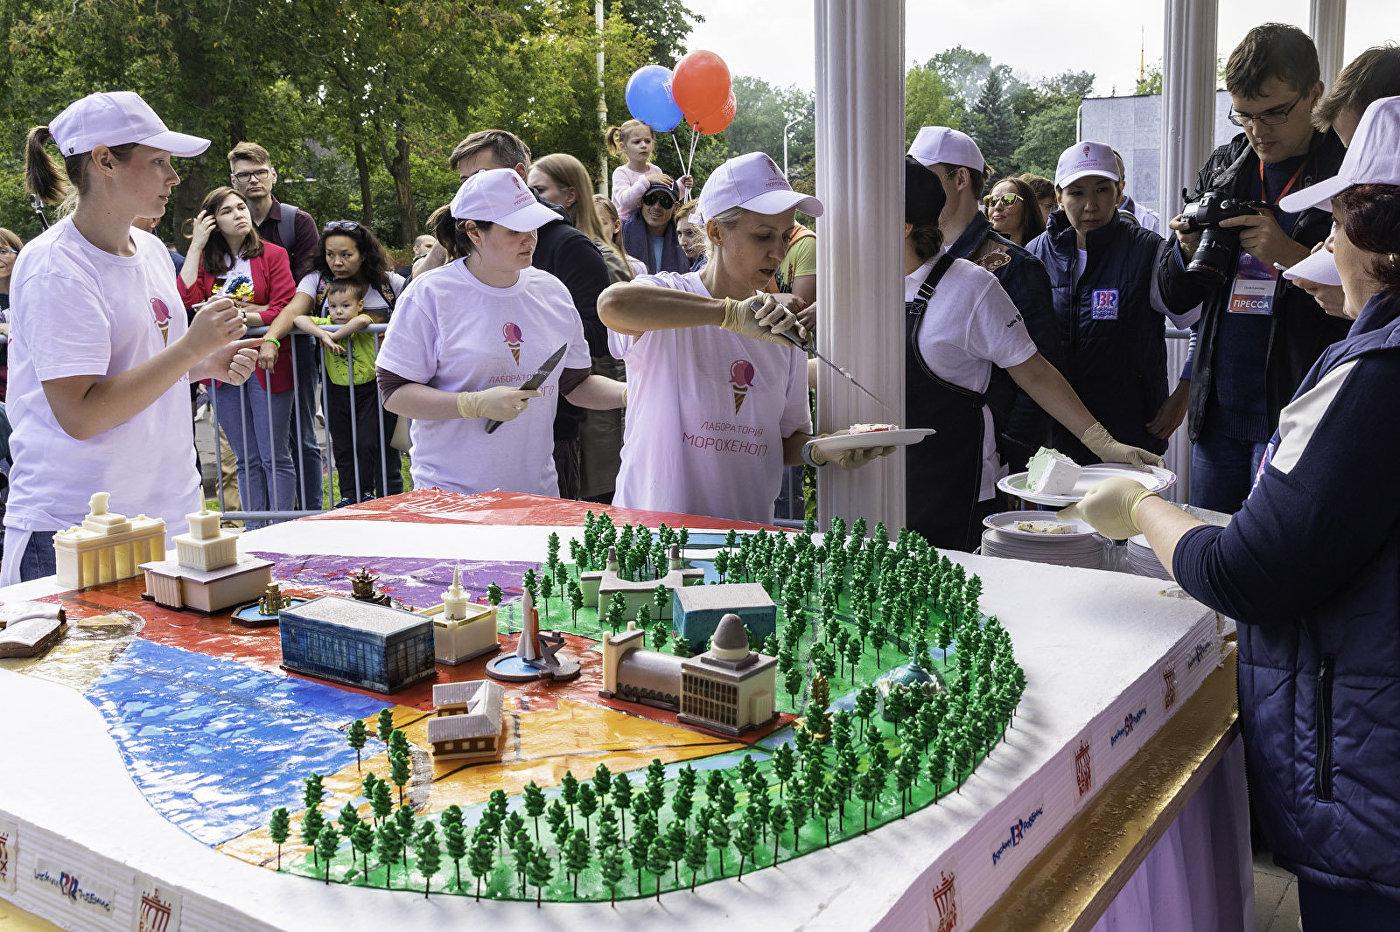 人们把为全俄国民经济成就展览馆建馆80周年特制的蛋糕分给所有想品尝的人